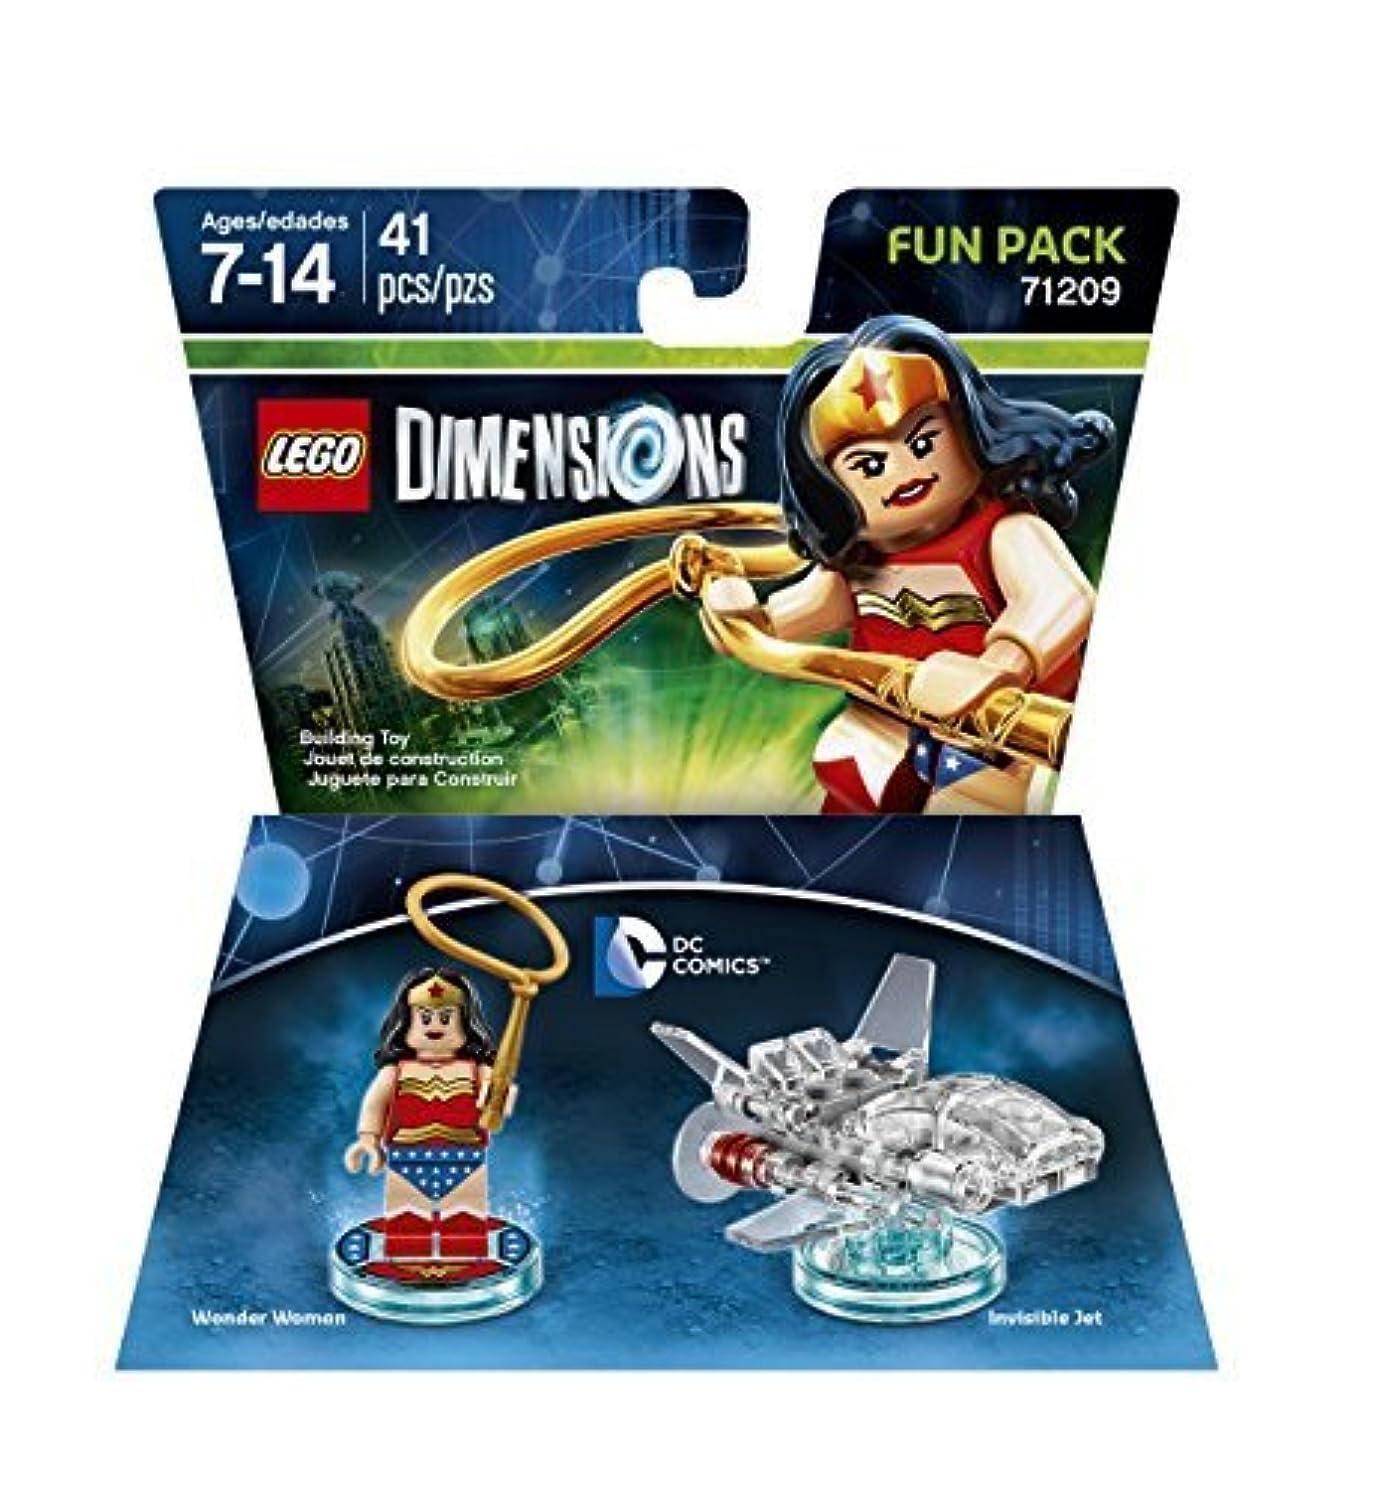 彼ら非アクティブうまれたDC Wonder Woman Fun Pack - LEGO Dimensions by Warner Home Video - Games [並行輸入品]